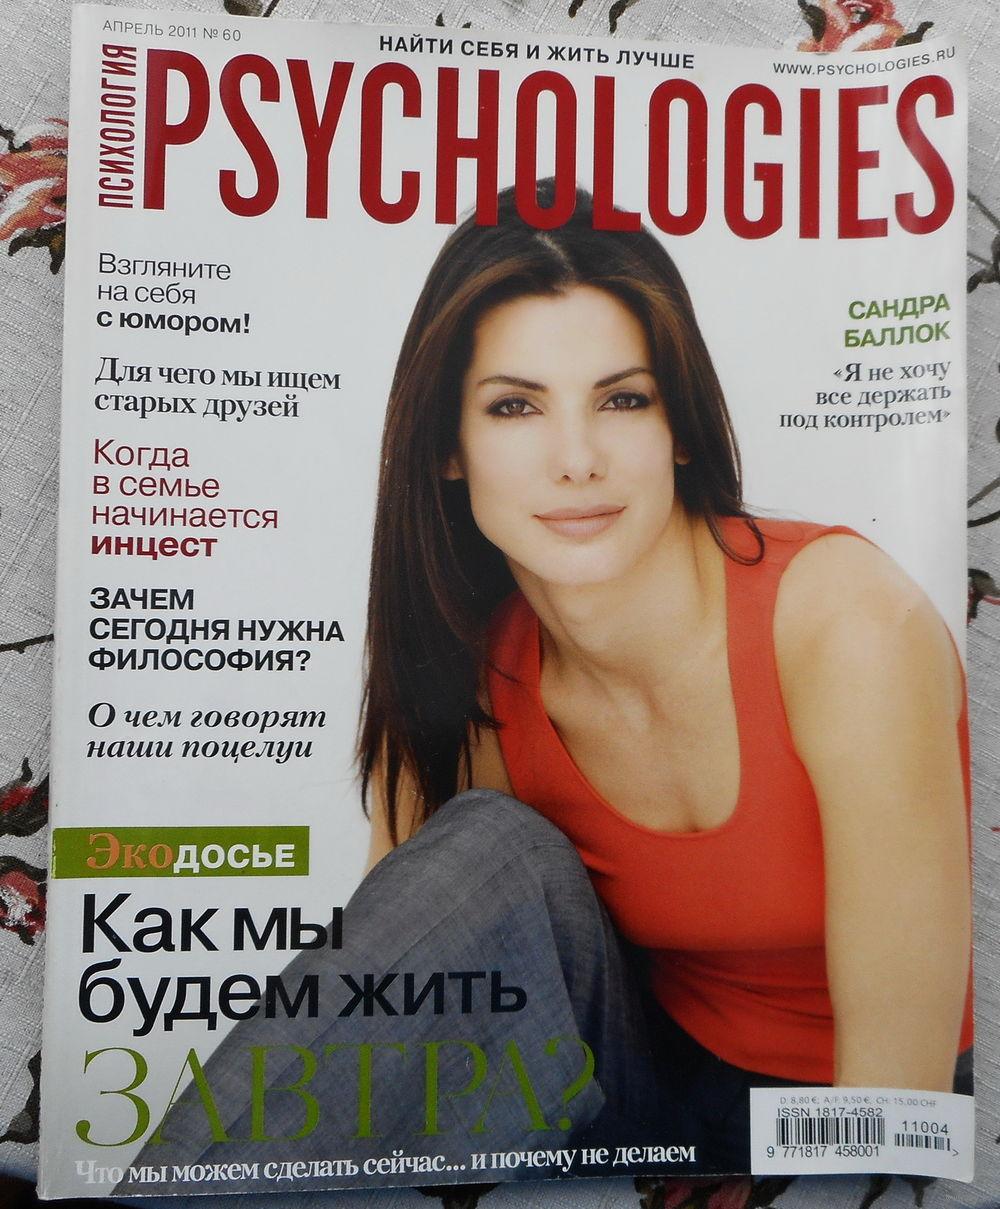 1cd9b23b6aa9 Журнал Психология 4.11. Подарок к покупке. Купить в Беларуси ...